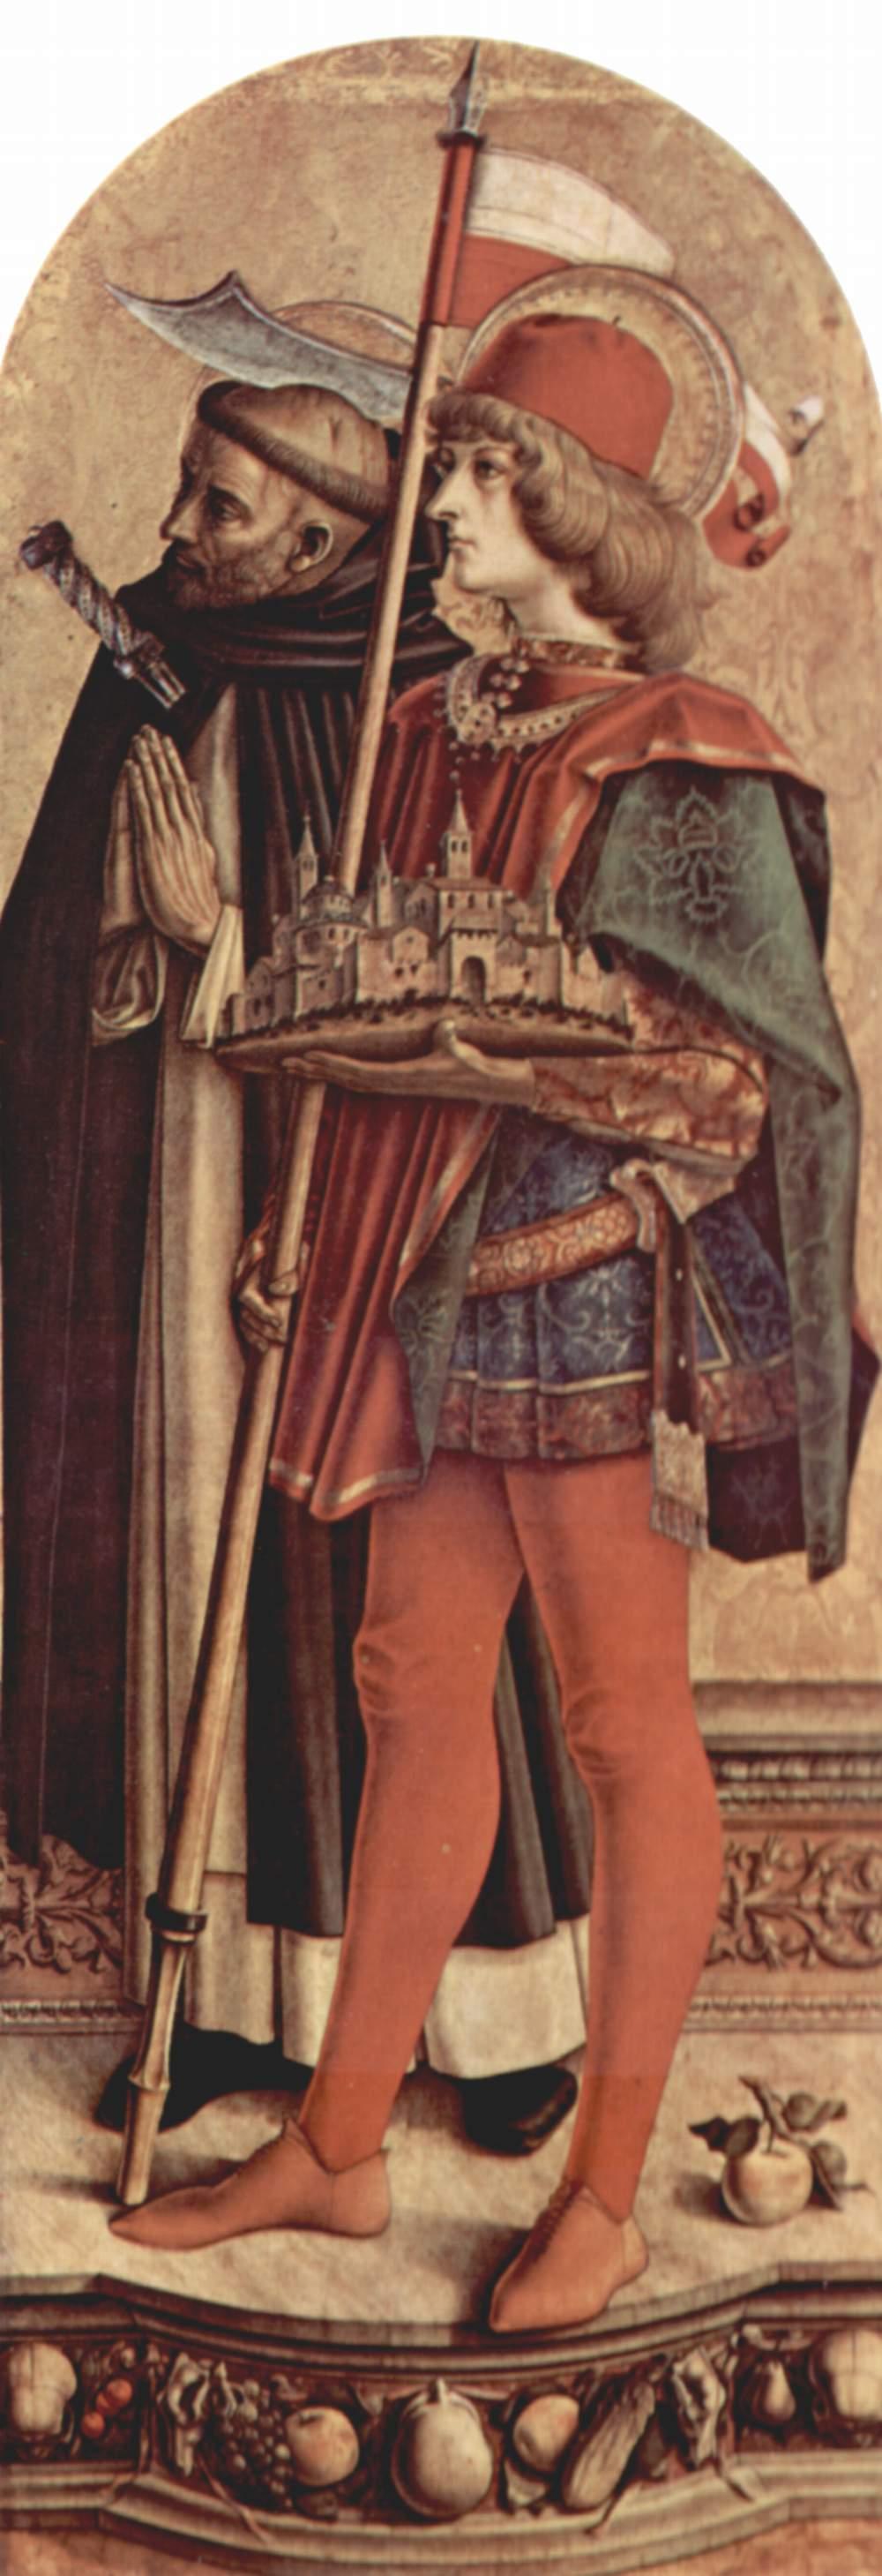 Алтарный триптих, правая створка  св. Пётр Мученик и св. Венециан Камеринский, Карло Кривелли